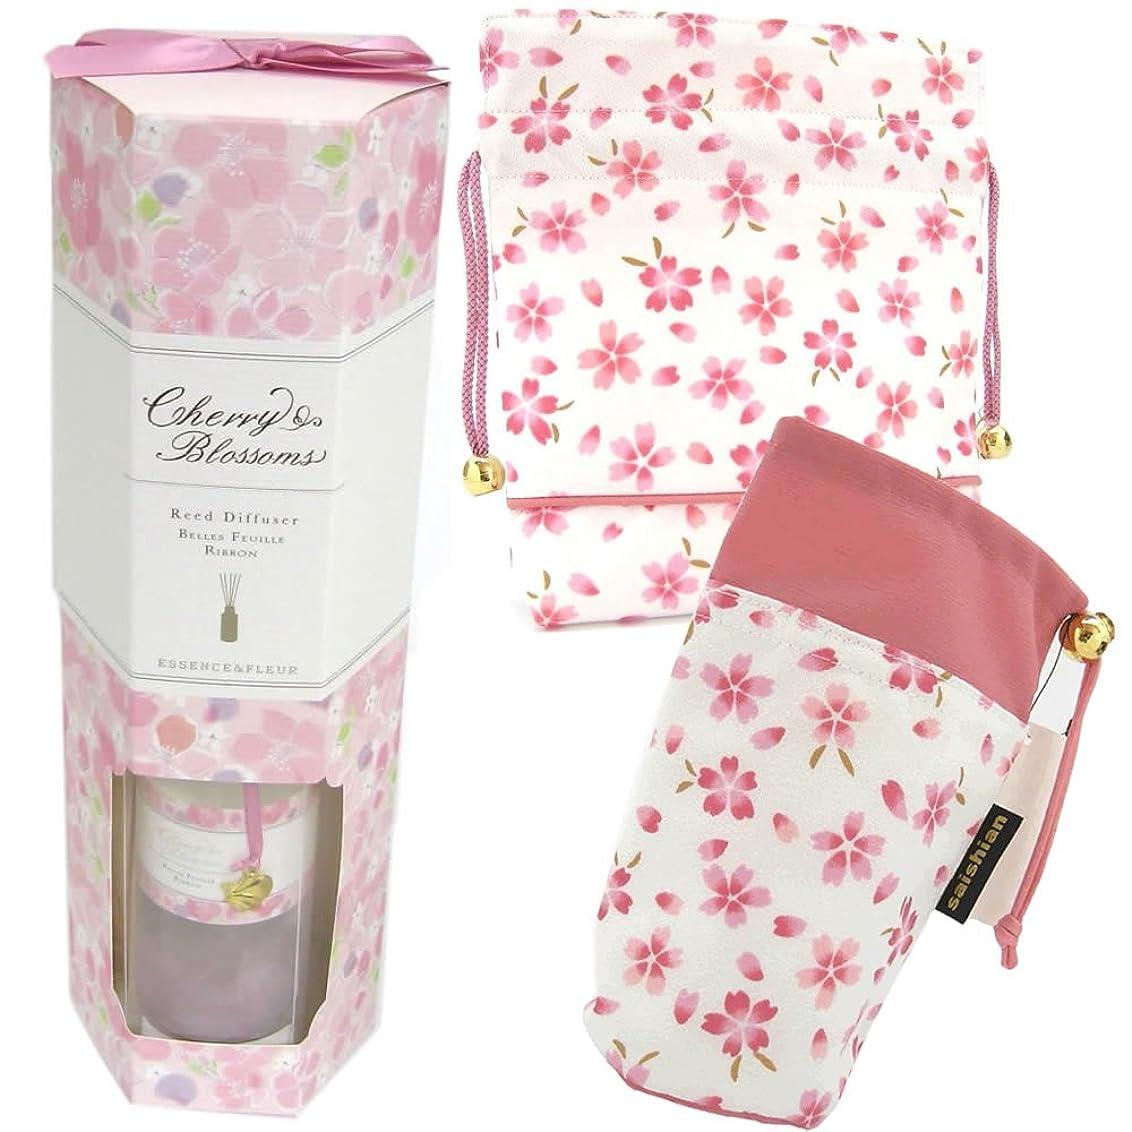 良性歌詞宙返り【さくらギフトシリーズ】春いろ桜 巾着&ペットボトルホルダーとディフューザーの桜いっぱいセット